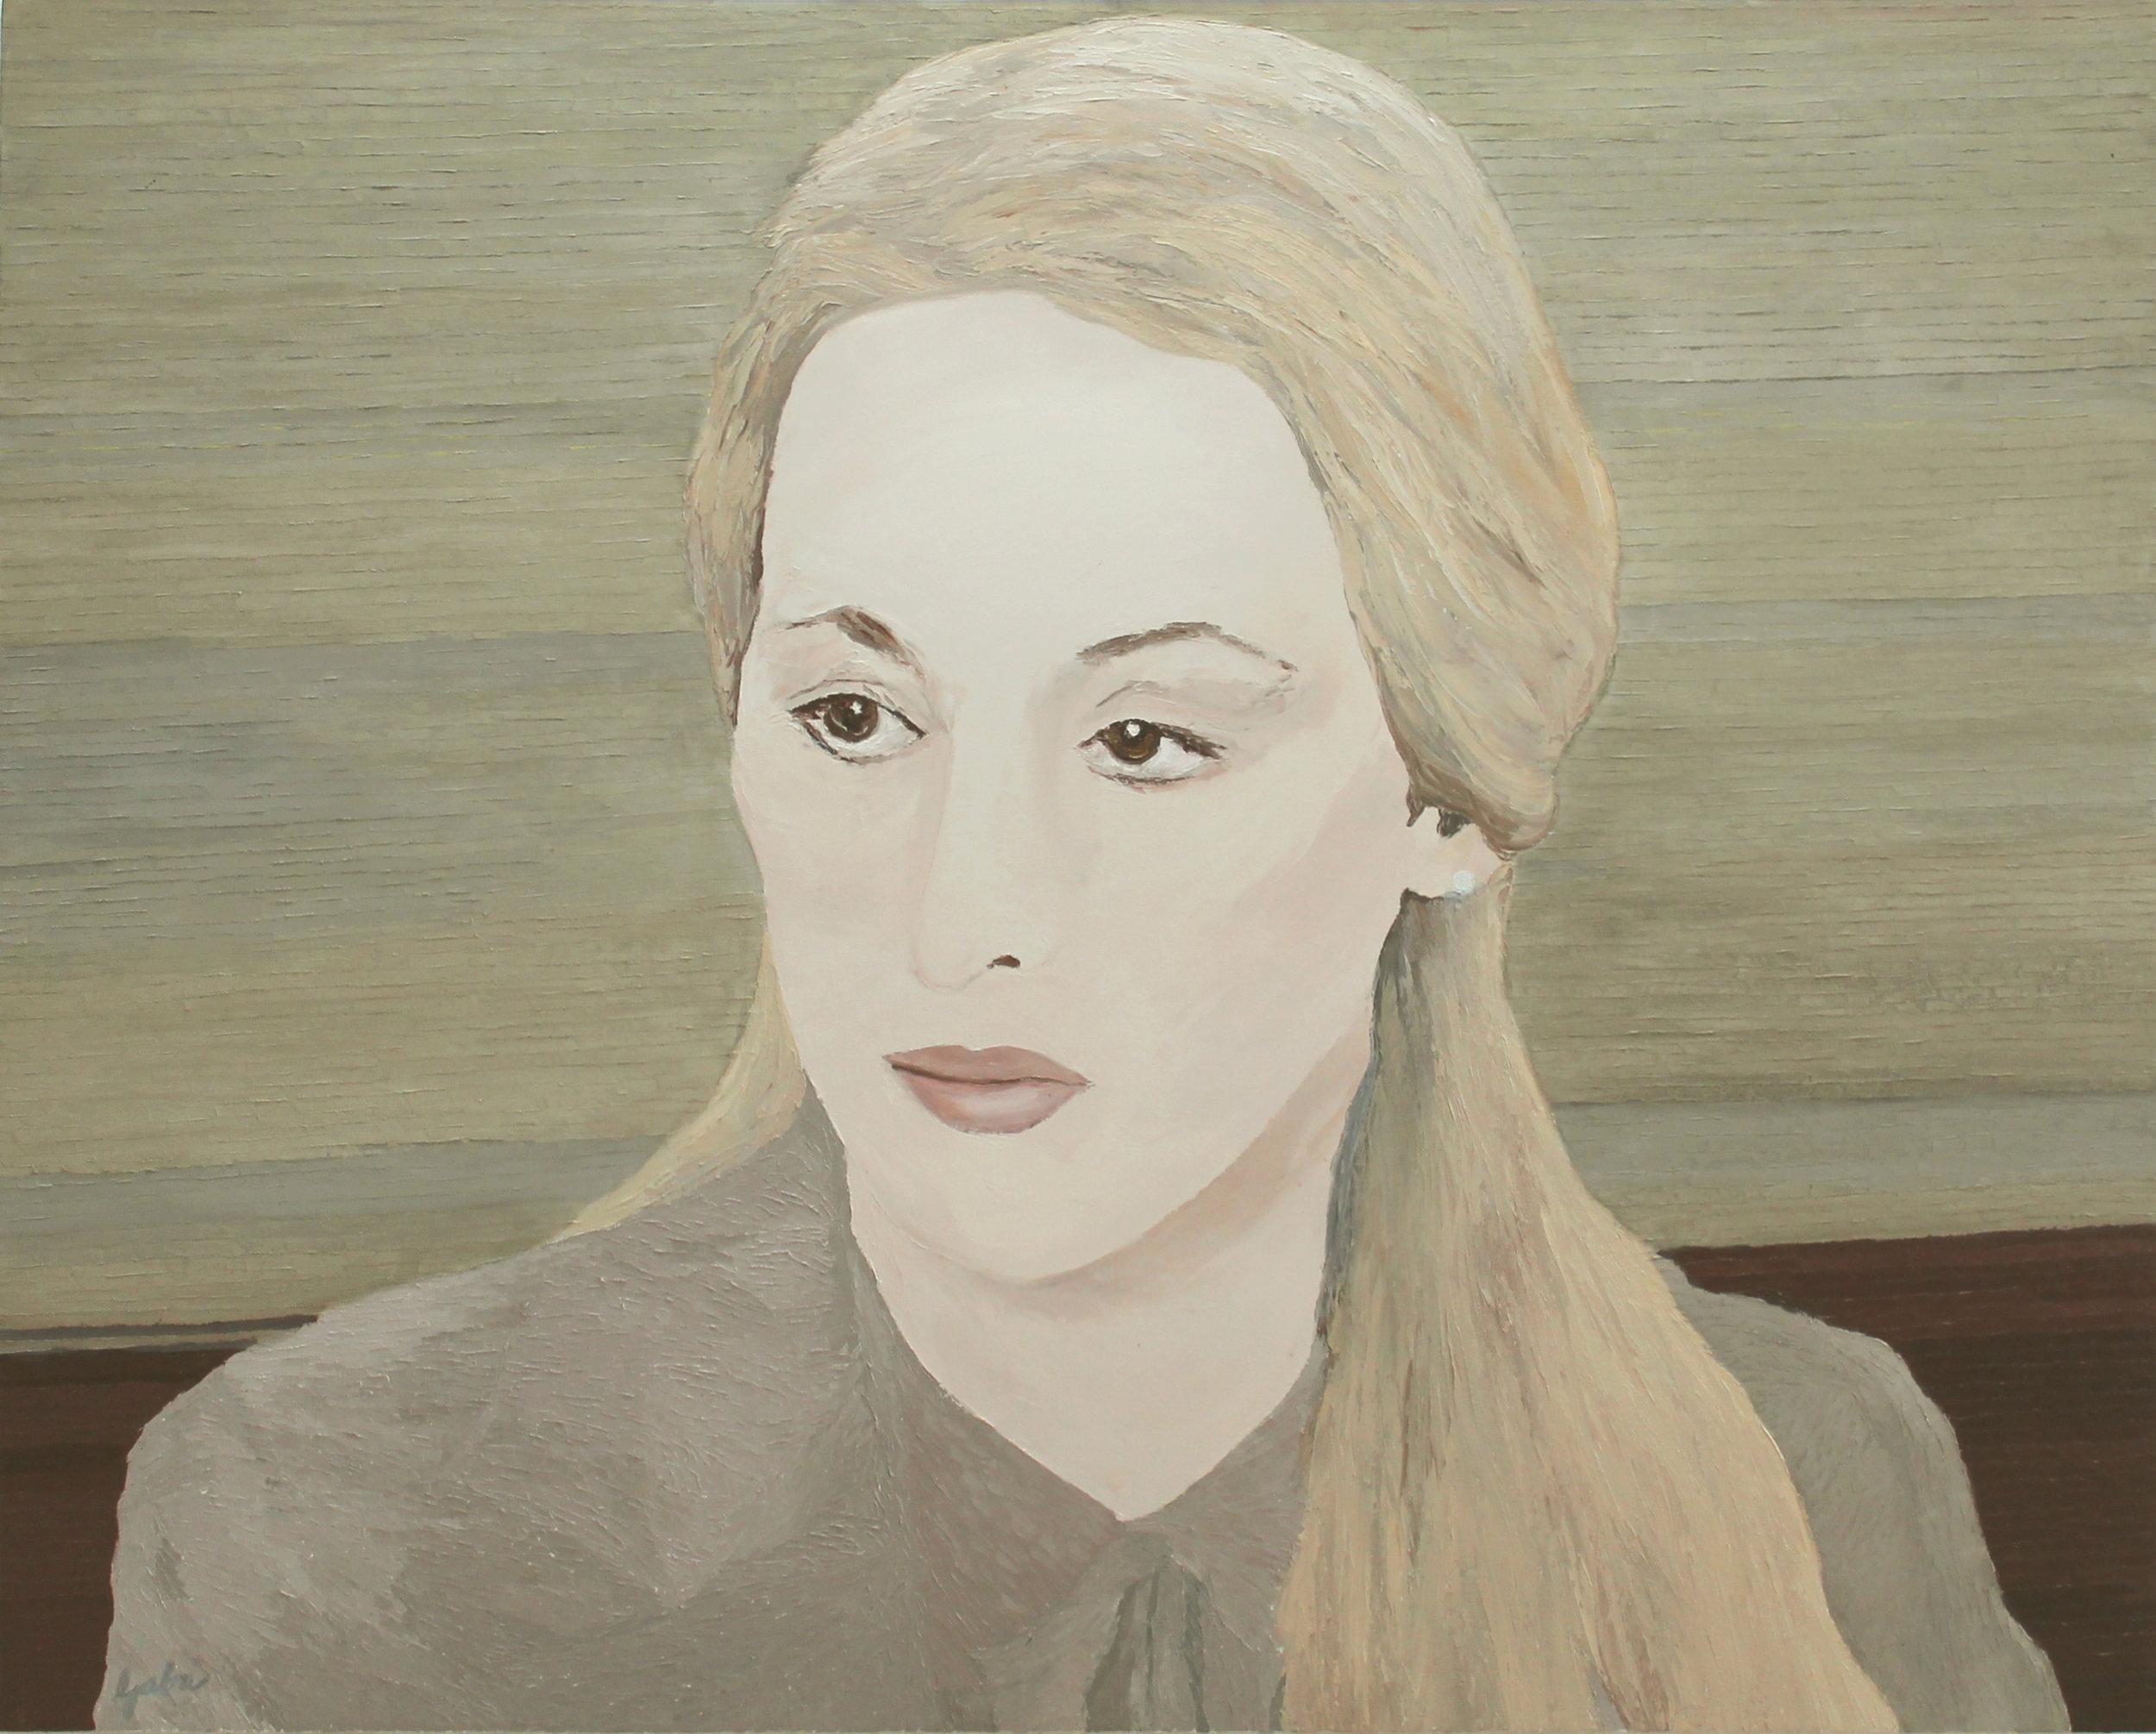 Marc Gaba - Joanna - Oil on canvas - 2016.jpg